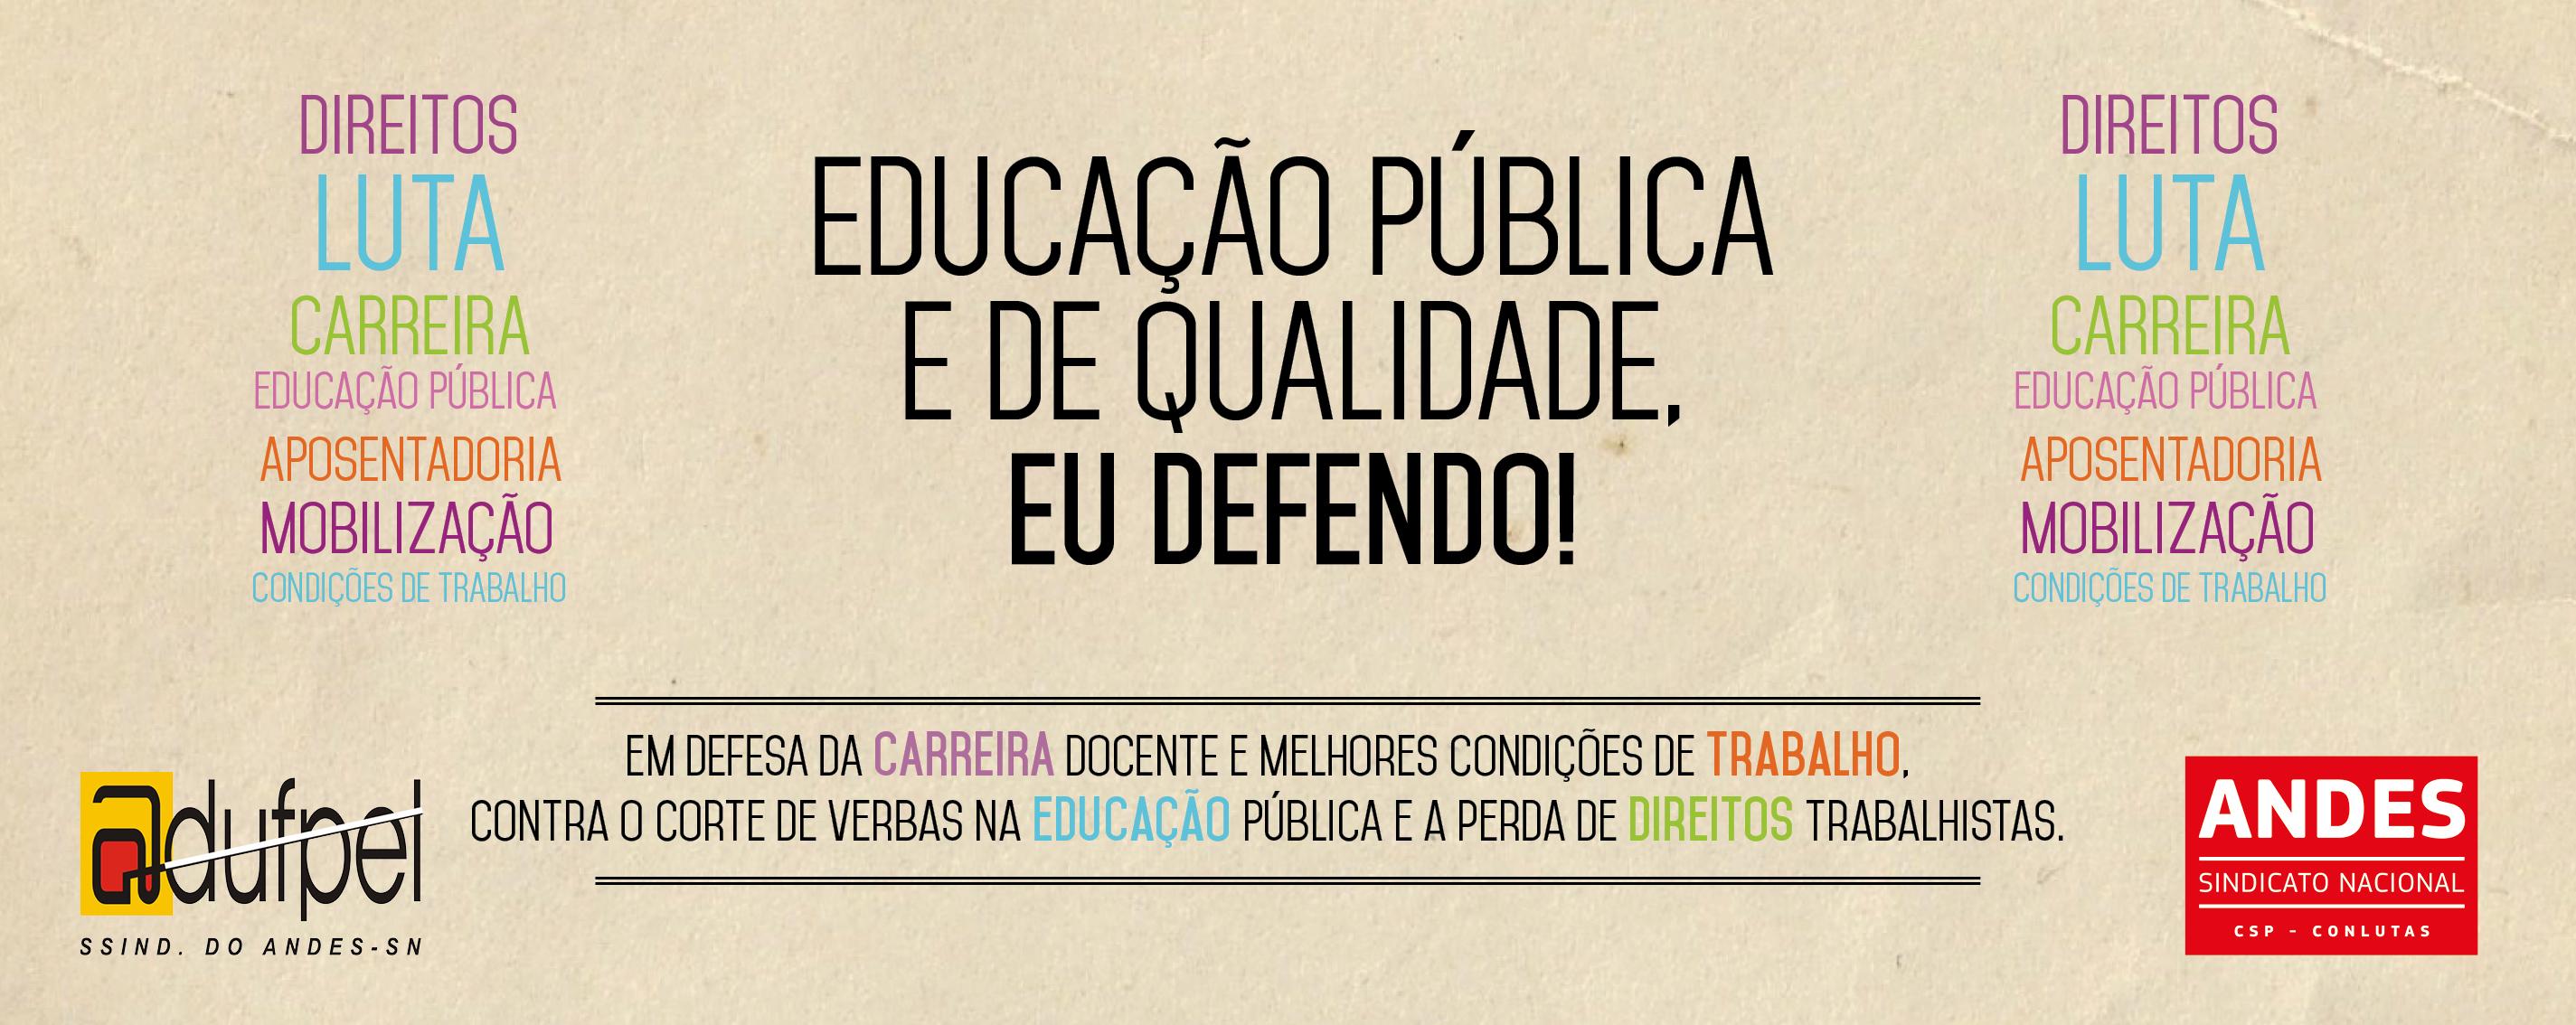 ADUFPel em defesa do ensino público